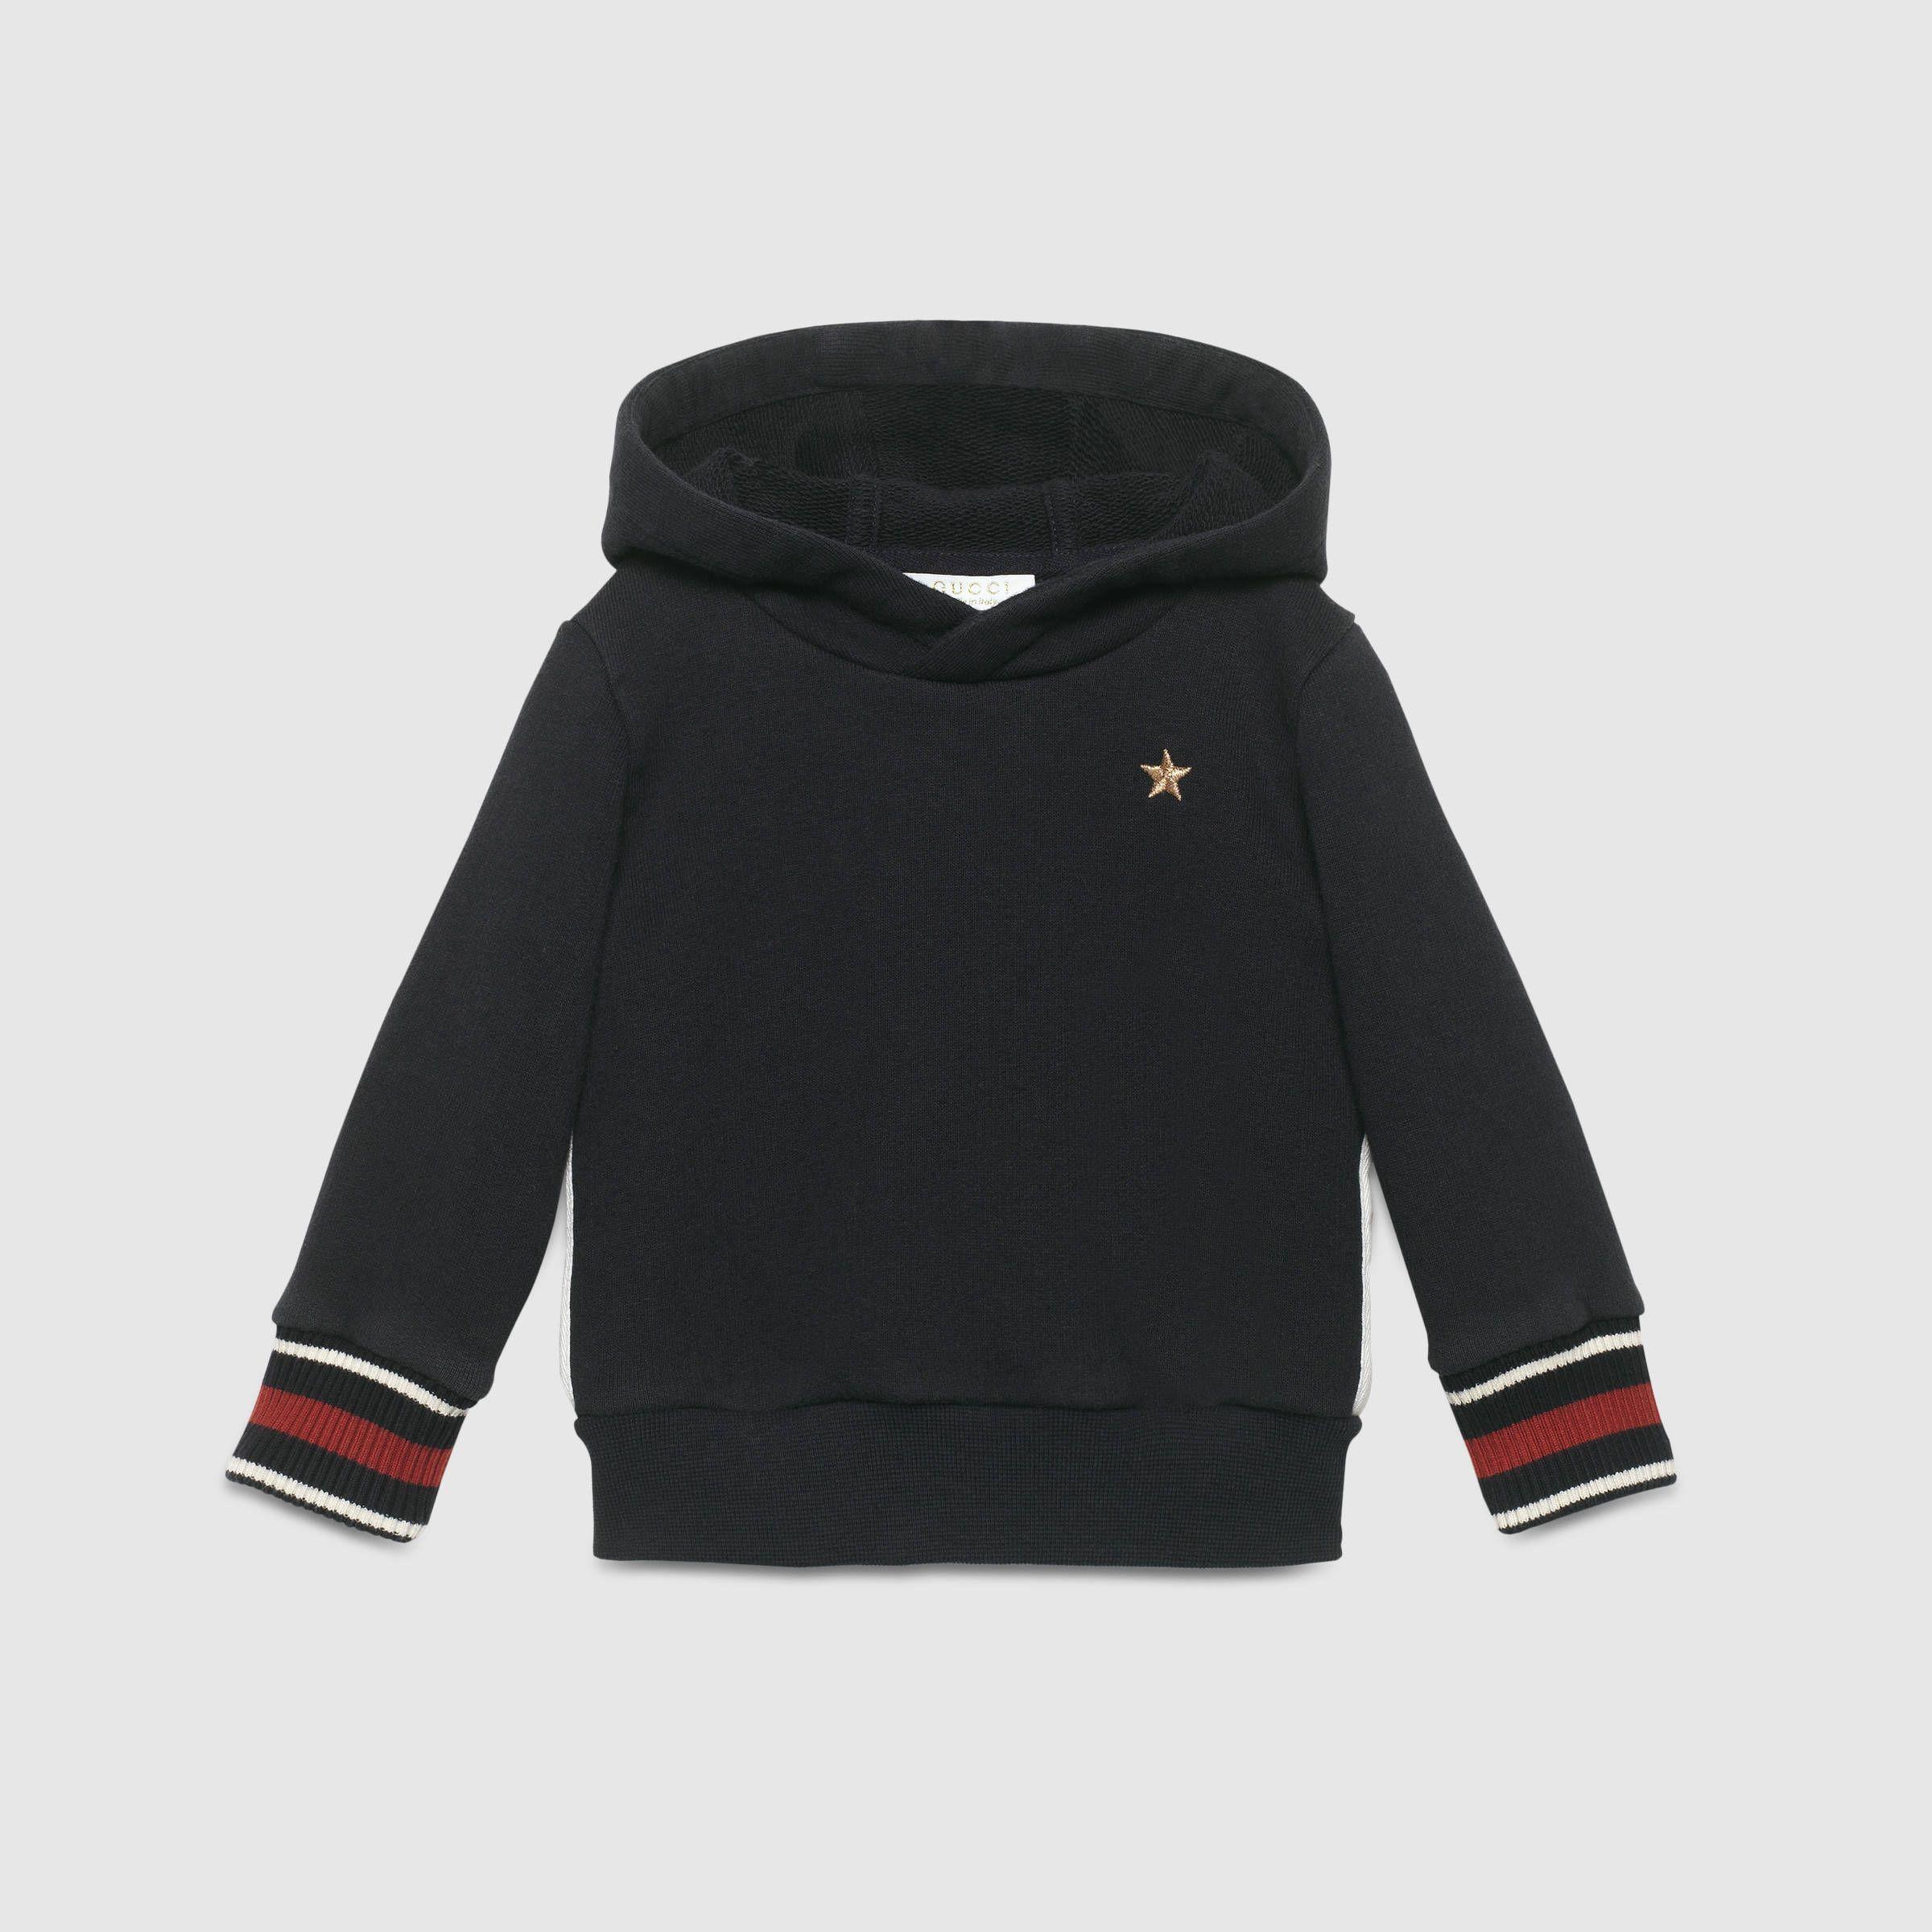 f2bb81f0 Gucci Children - Baby cotton sweatshirt with web | Kiddie closet ...